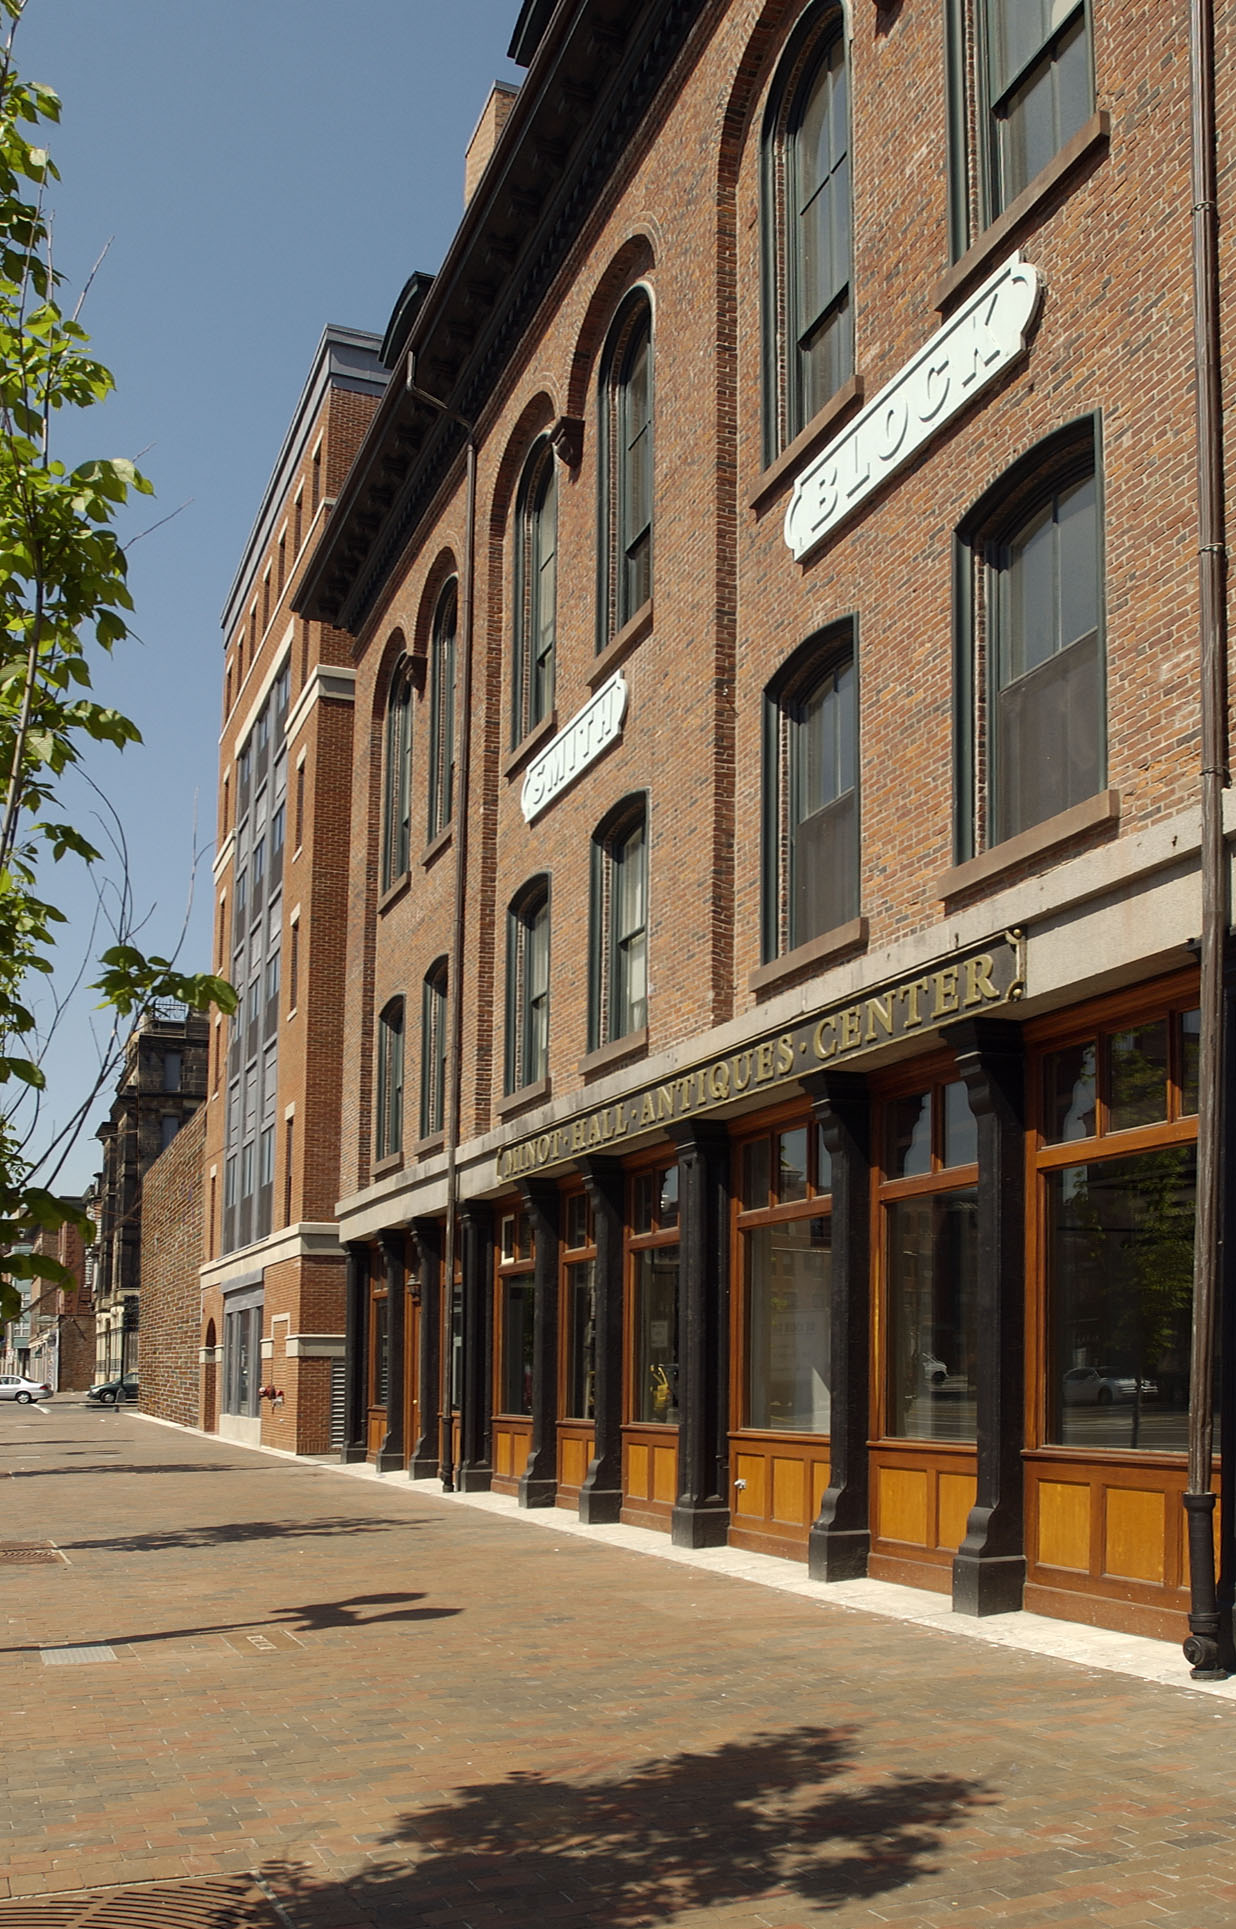 Minot #8 Washington looking at storefront.jpg